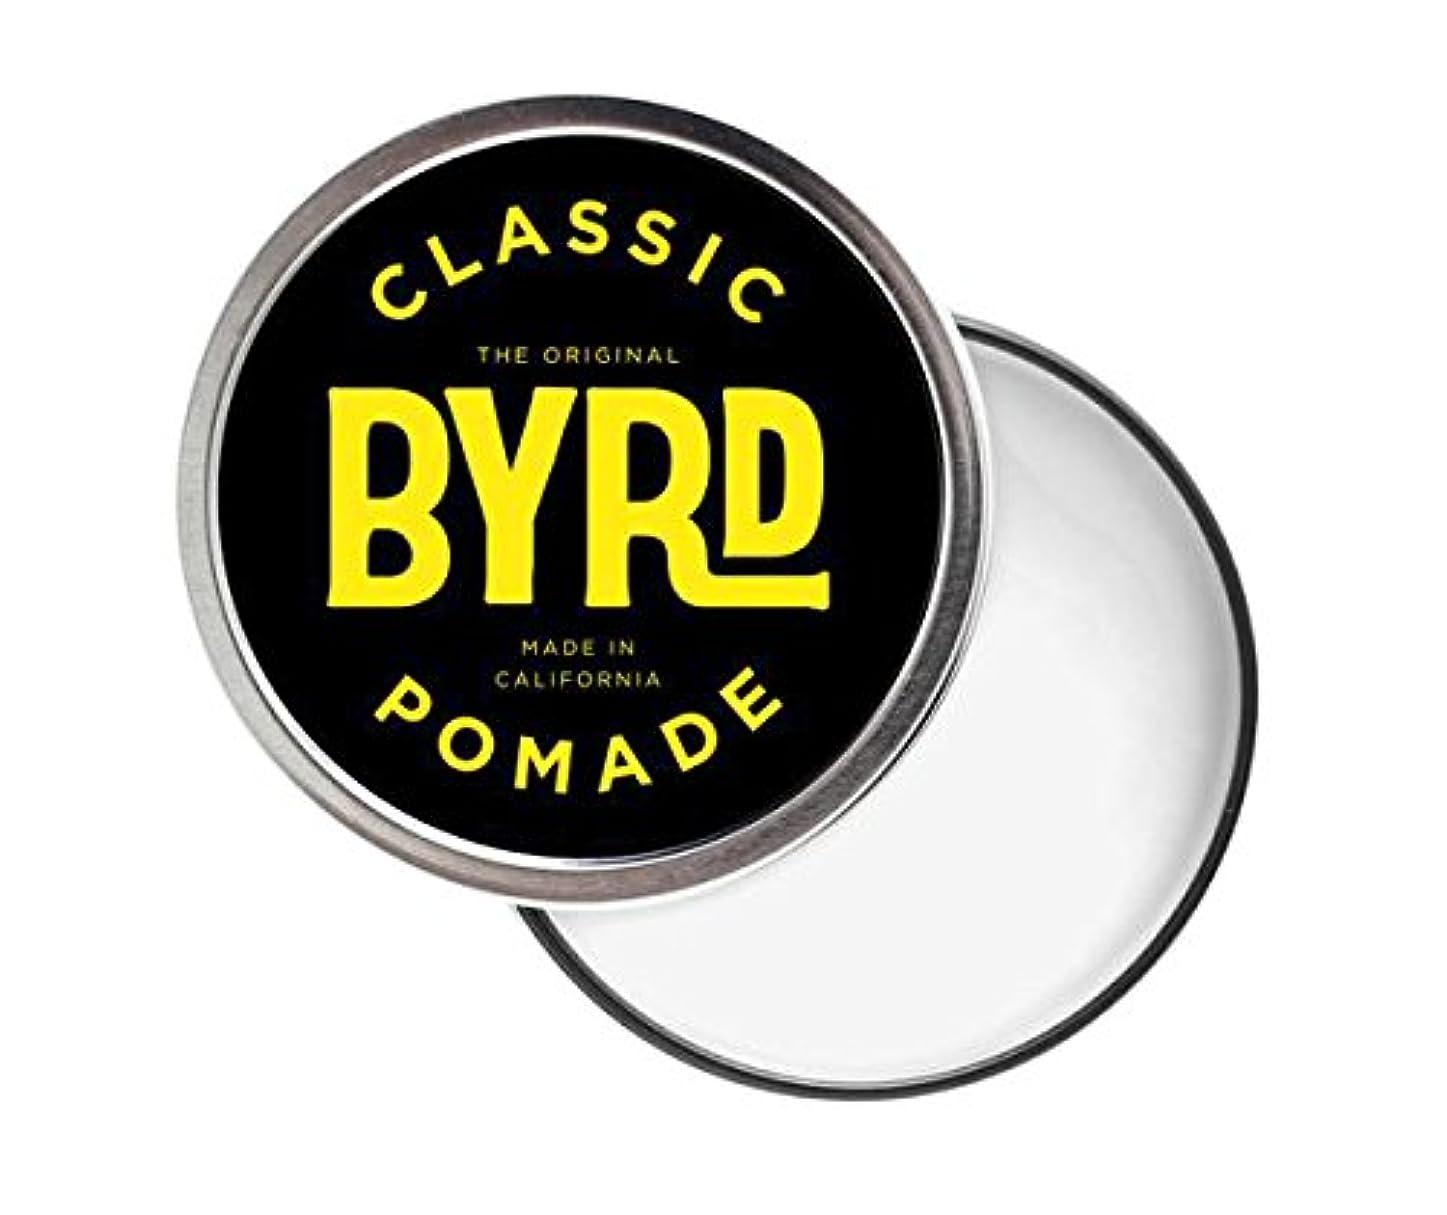 頬酸素交渉するBYRD(バード) クラシックポマード 42g